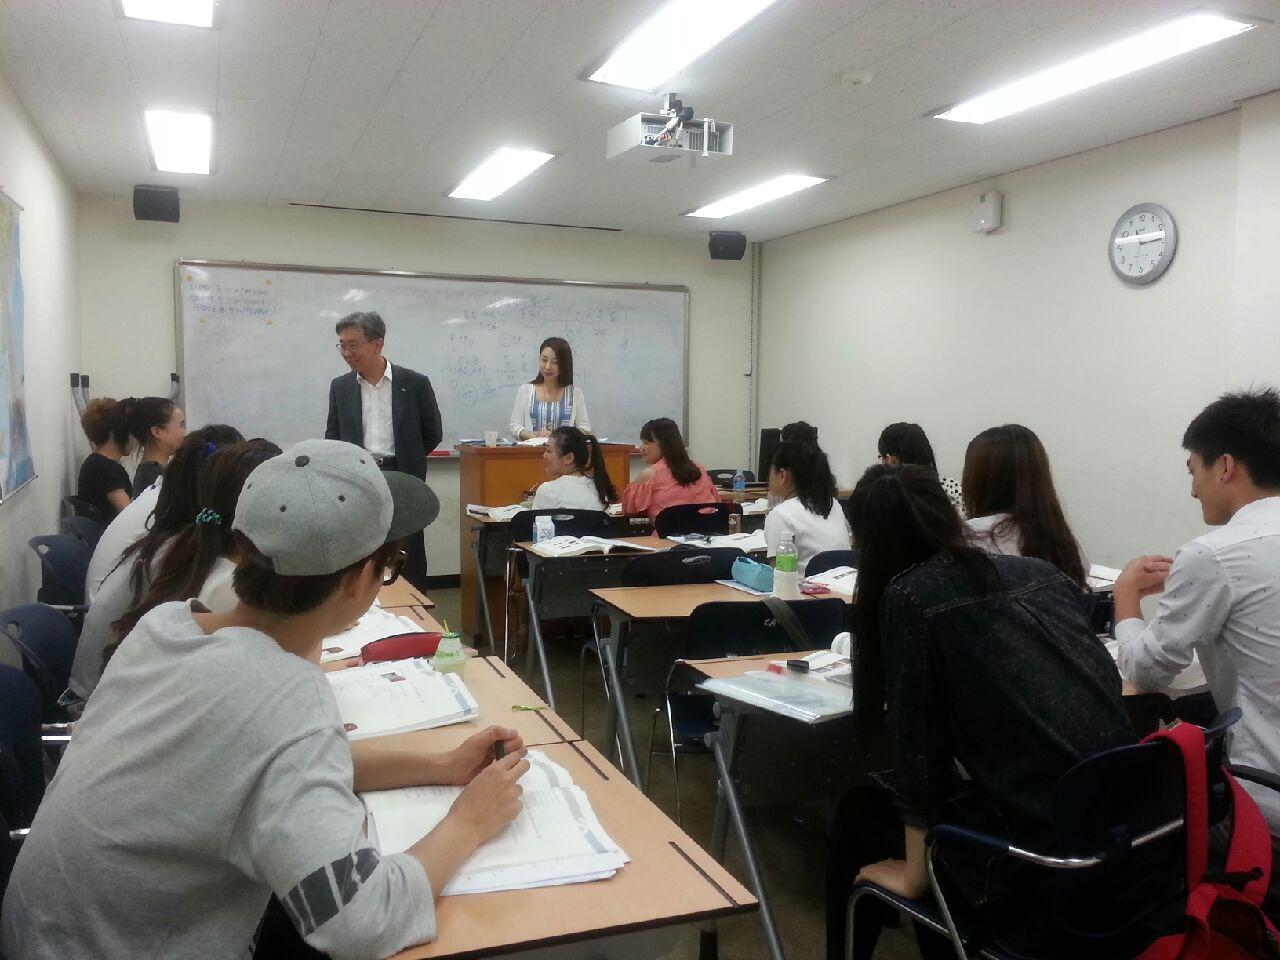 Đến thăm Trung tâm tiếng Hàn Đại học Chungang